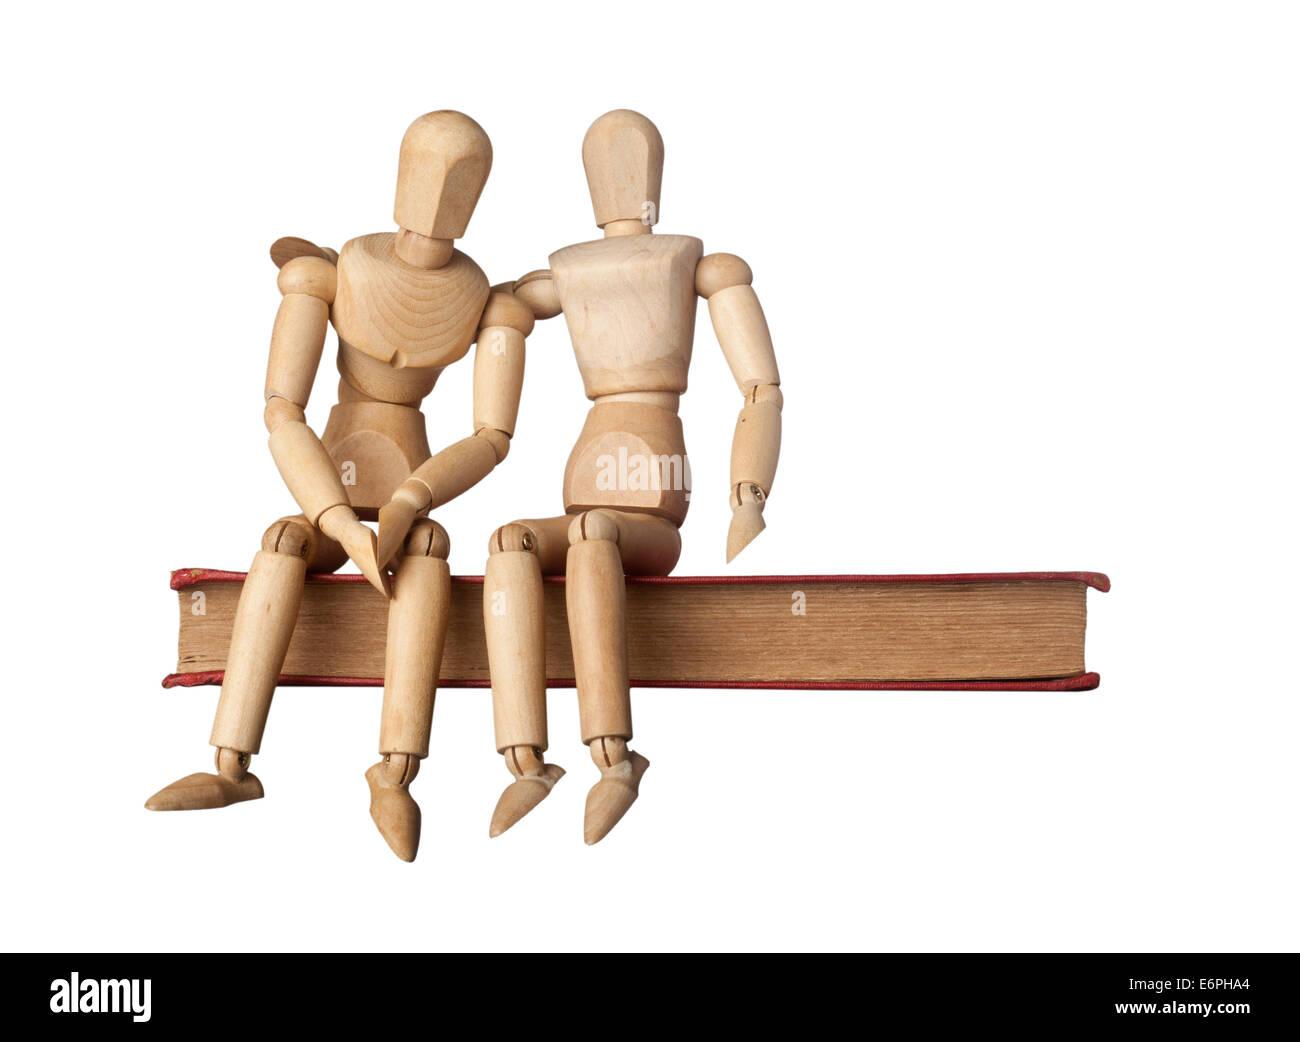 Consuelo de un amigo representado por dos figuras en un libro aislado sobre fondo blanco. Imagen De Stock